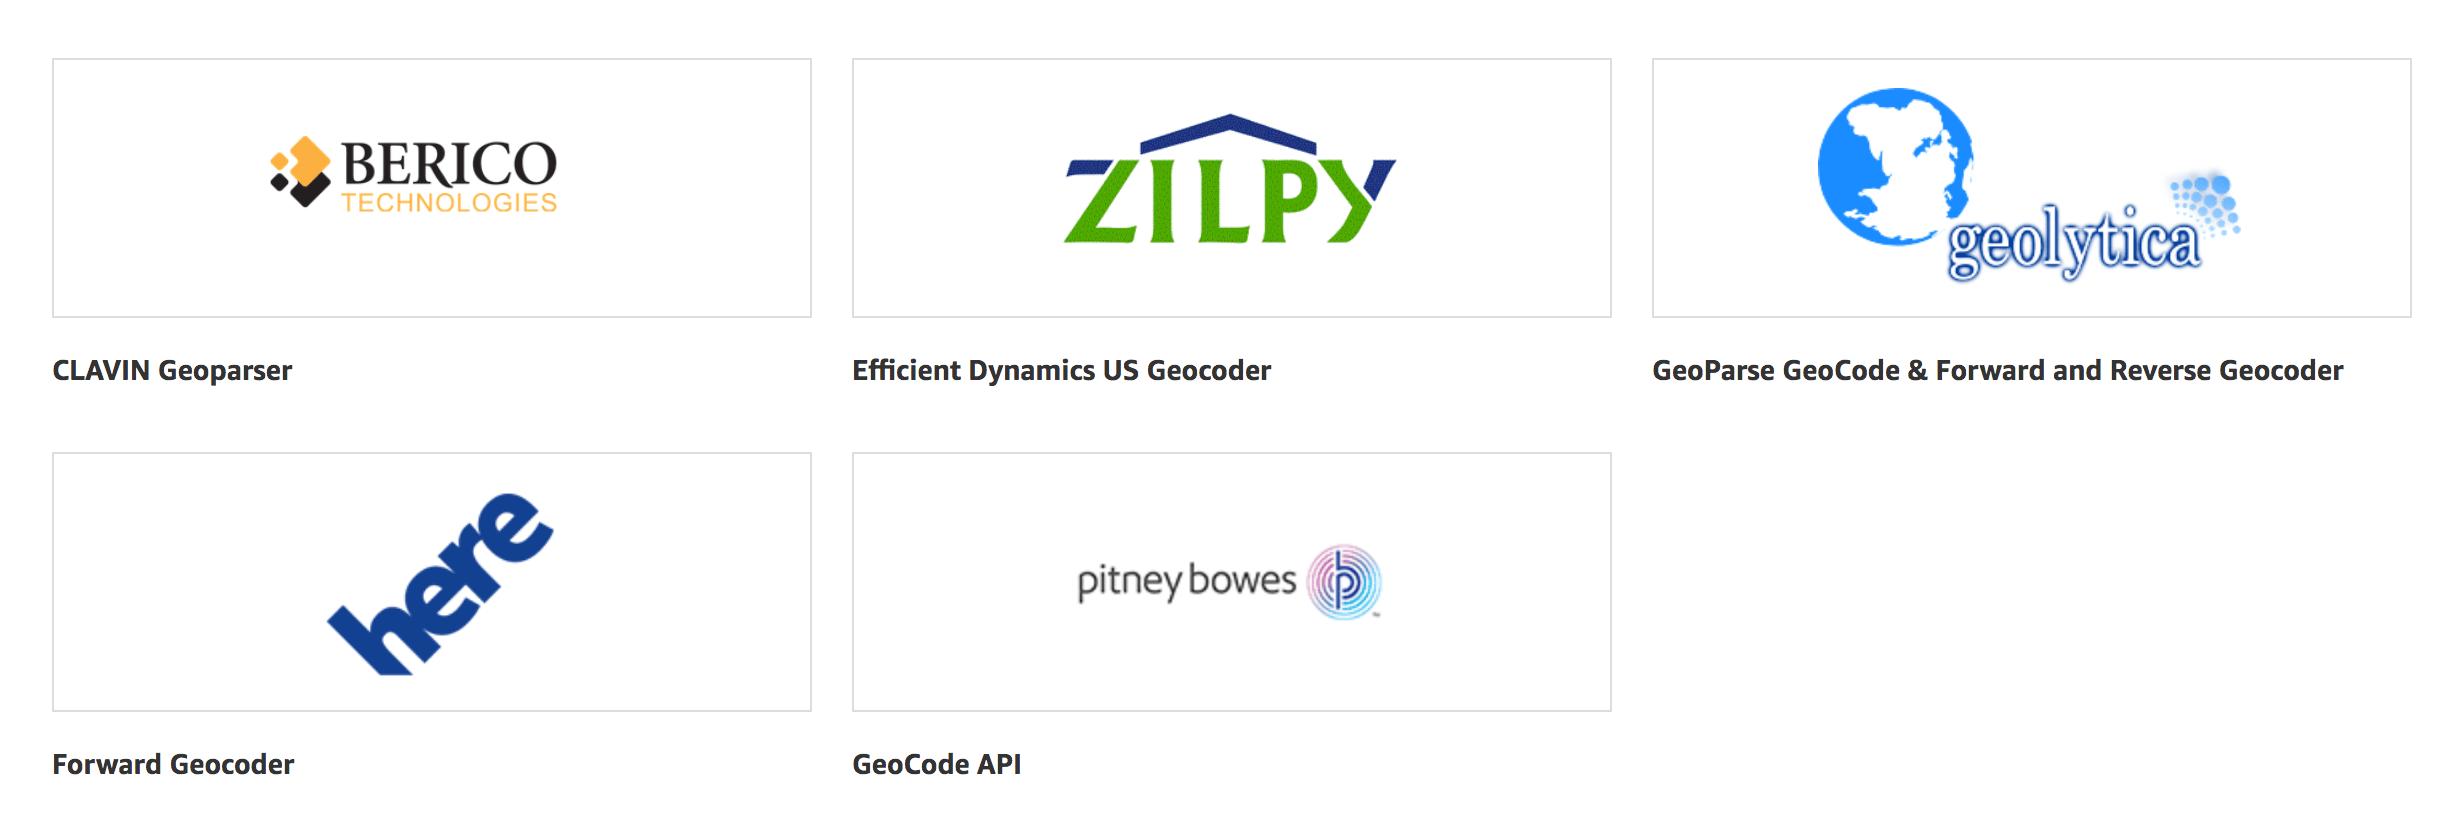 Geocoding Software on Amazon AWS